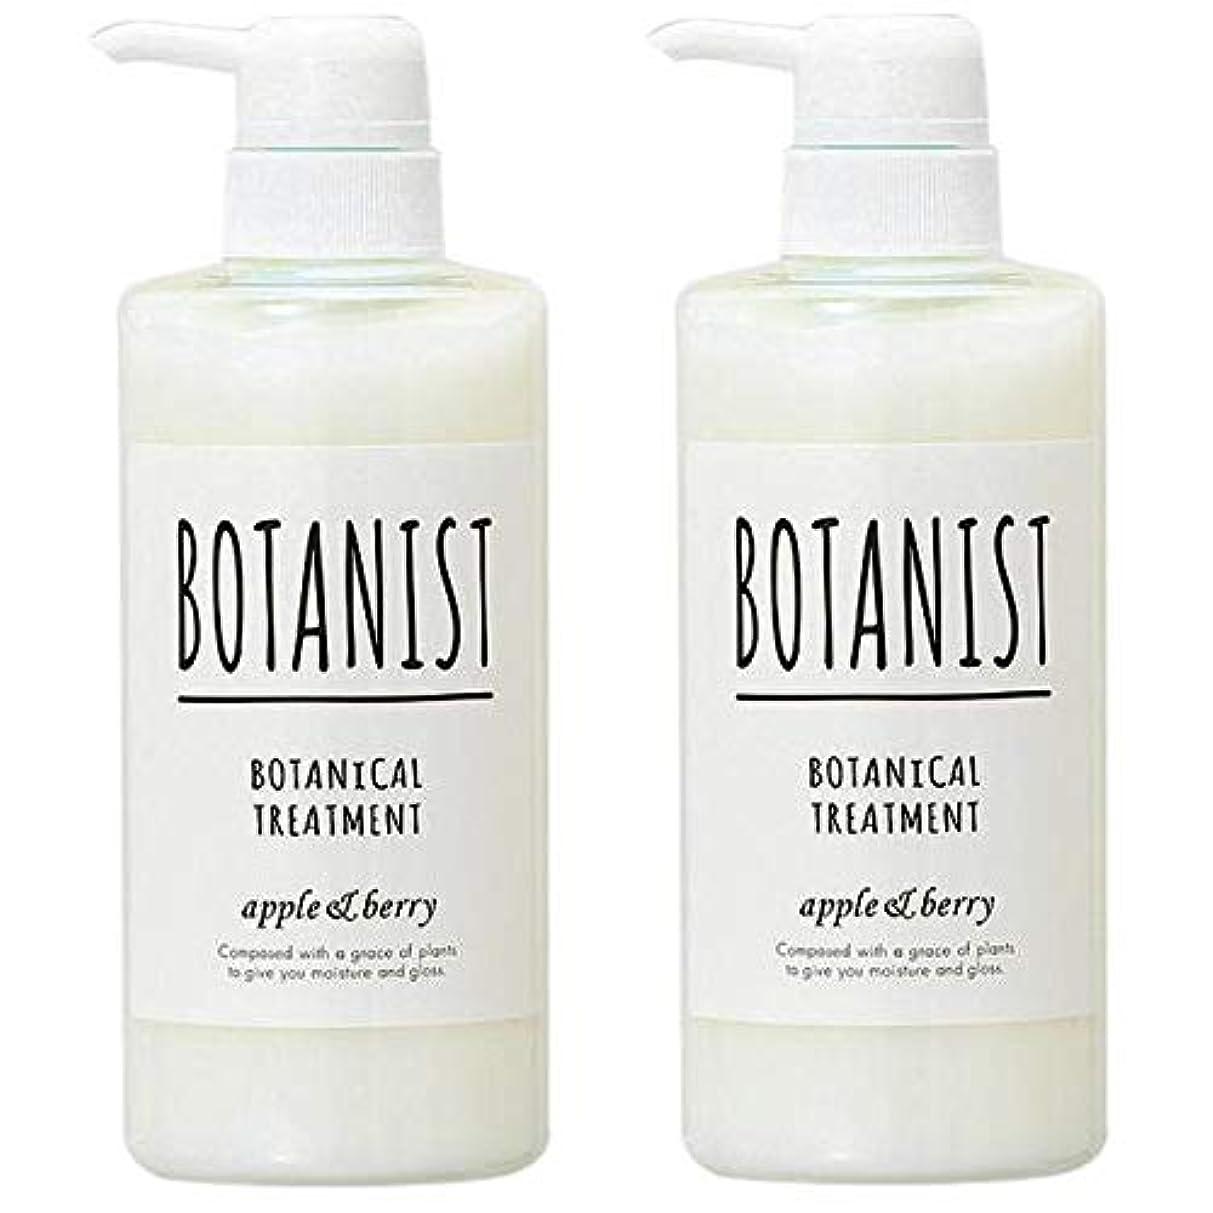 養う最も養うボタニスト BOTANIST ボタニカルトリートメント スムース アップル&ベリー 490g 【2個セット】